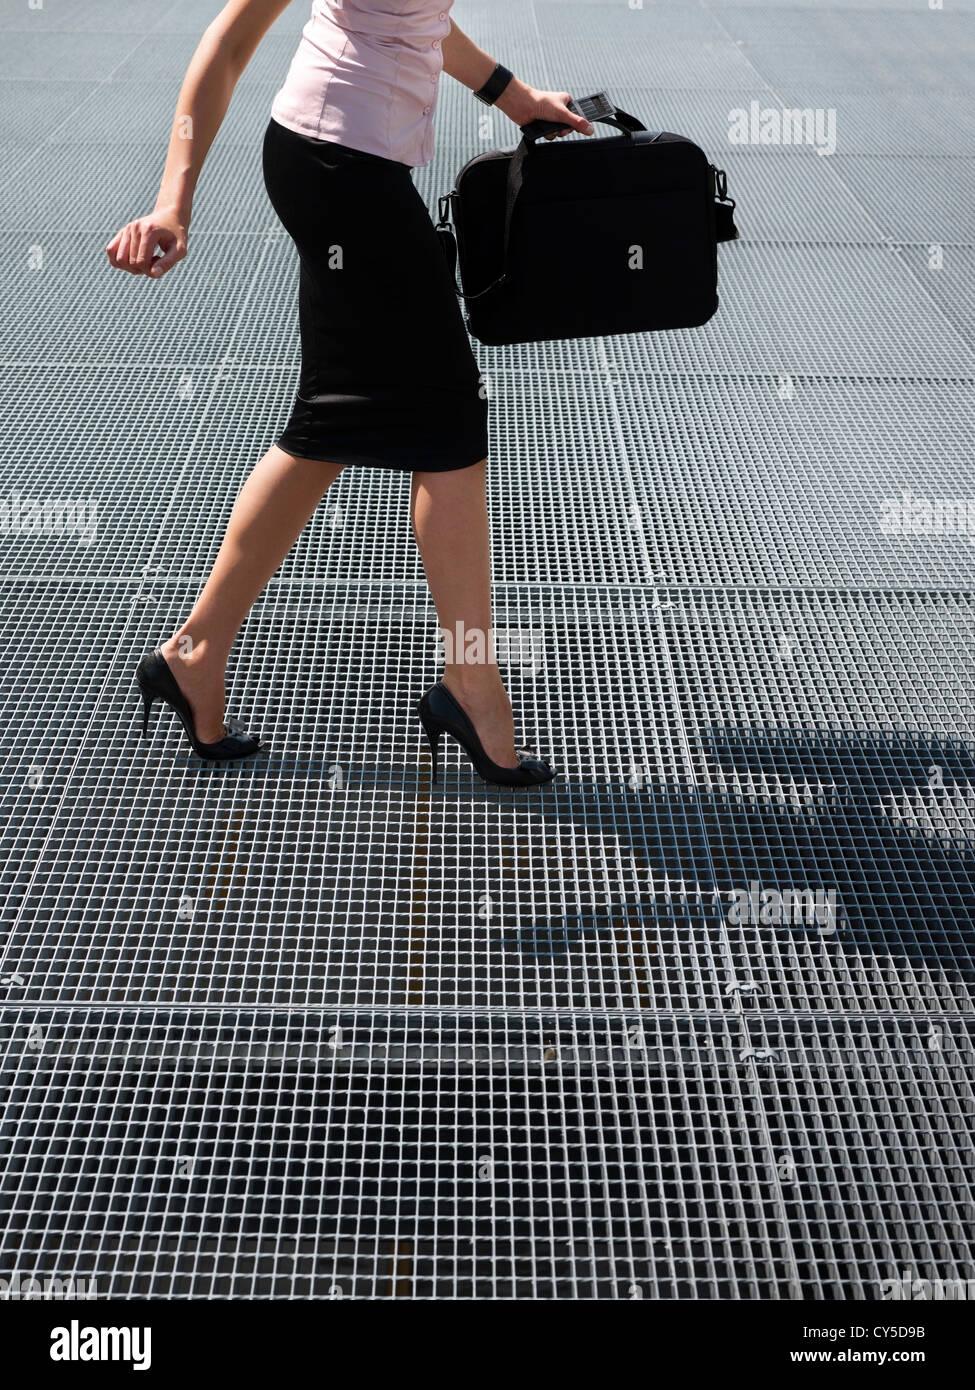 Portrait of mid adult business woman walking on High Heels, en essayant d'équilibrer sur caillebotis Photo Stock